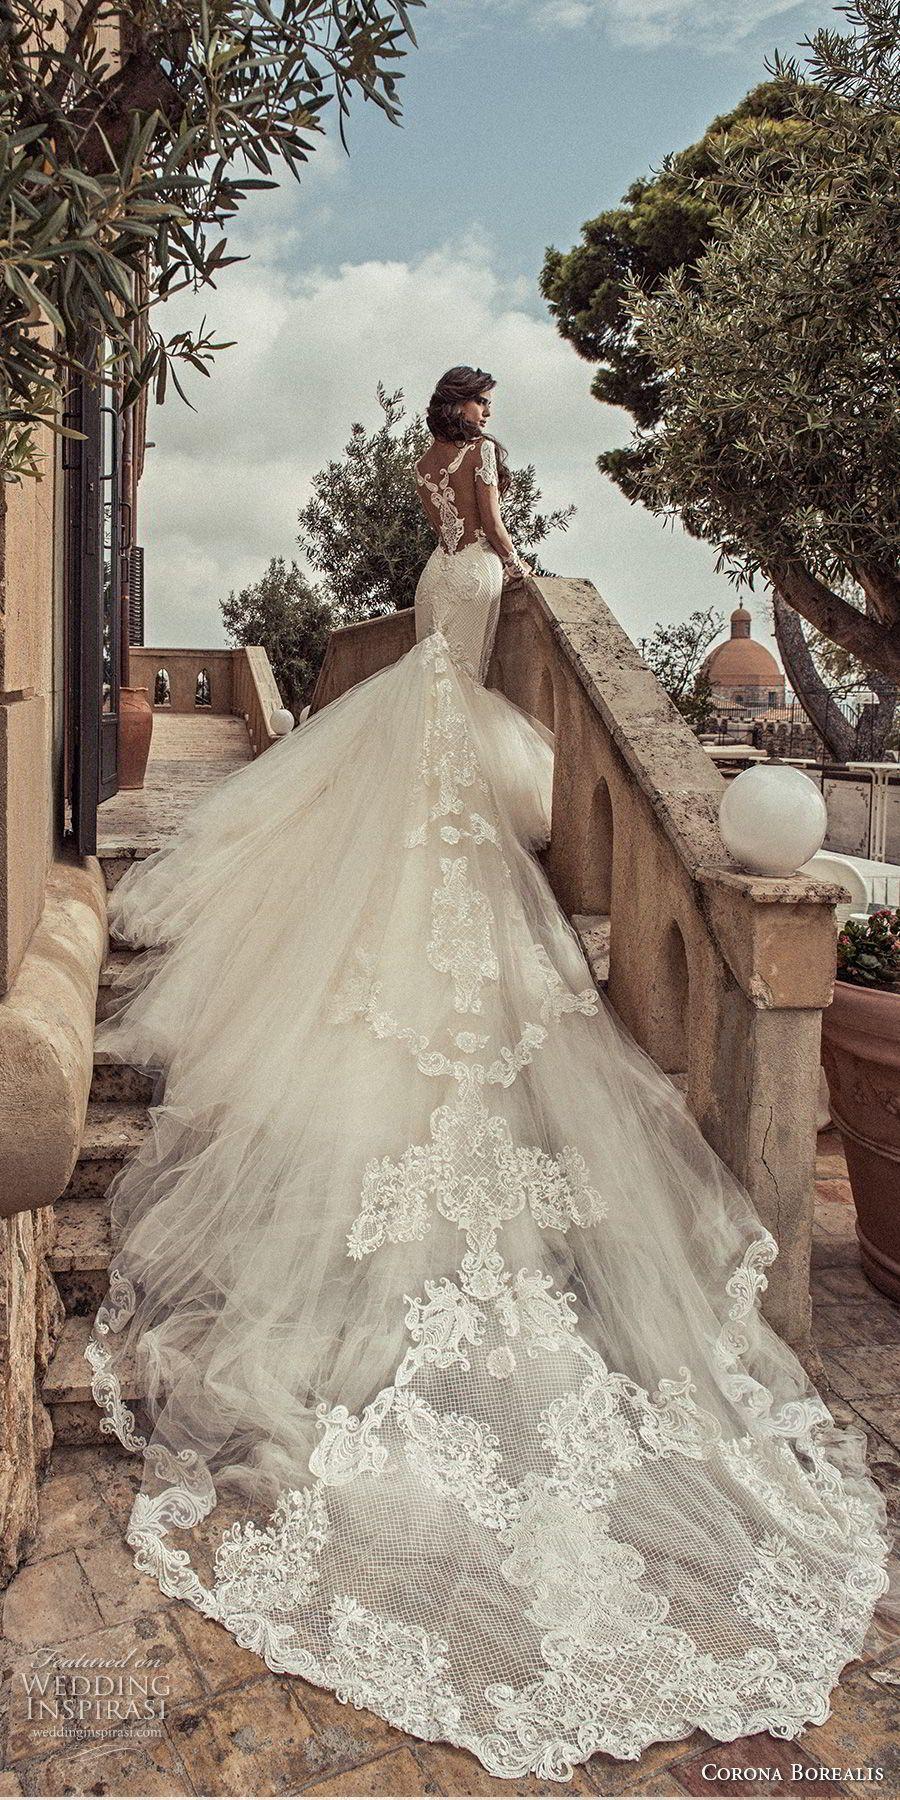 Vestiti Da Sposa Tumblr.Wedding Inspirasi Tumblr Abito Da Nozze Abiti Da Sposa Abiti